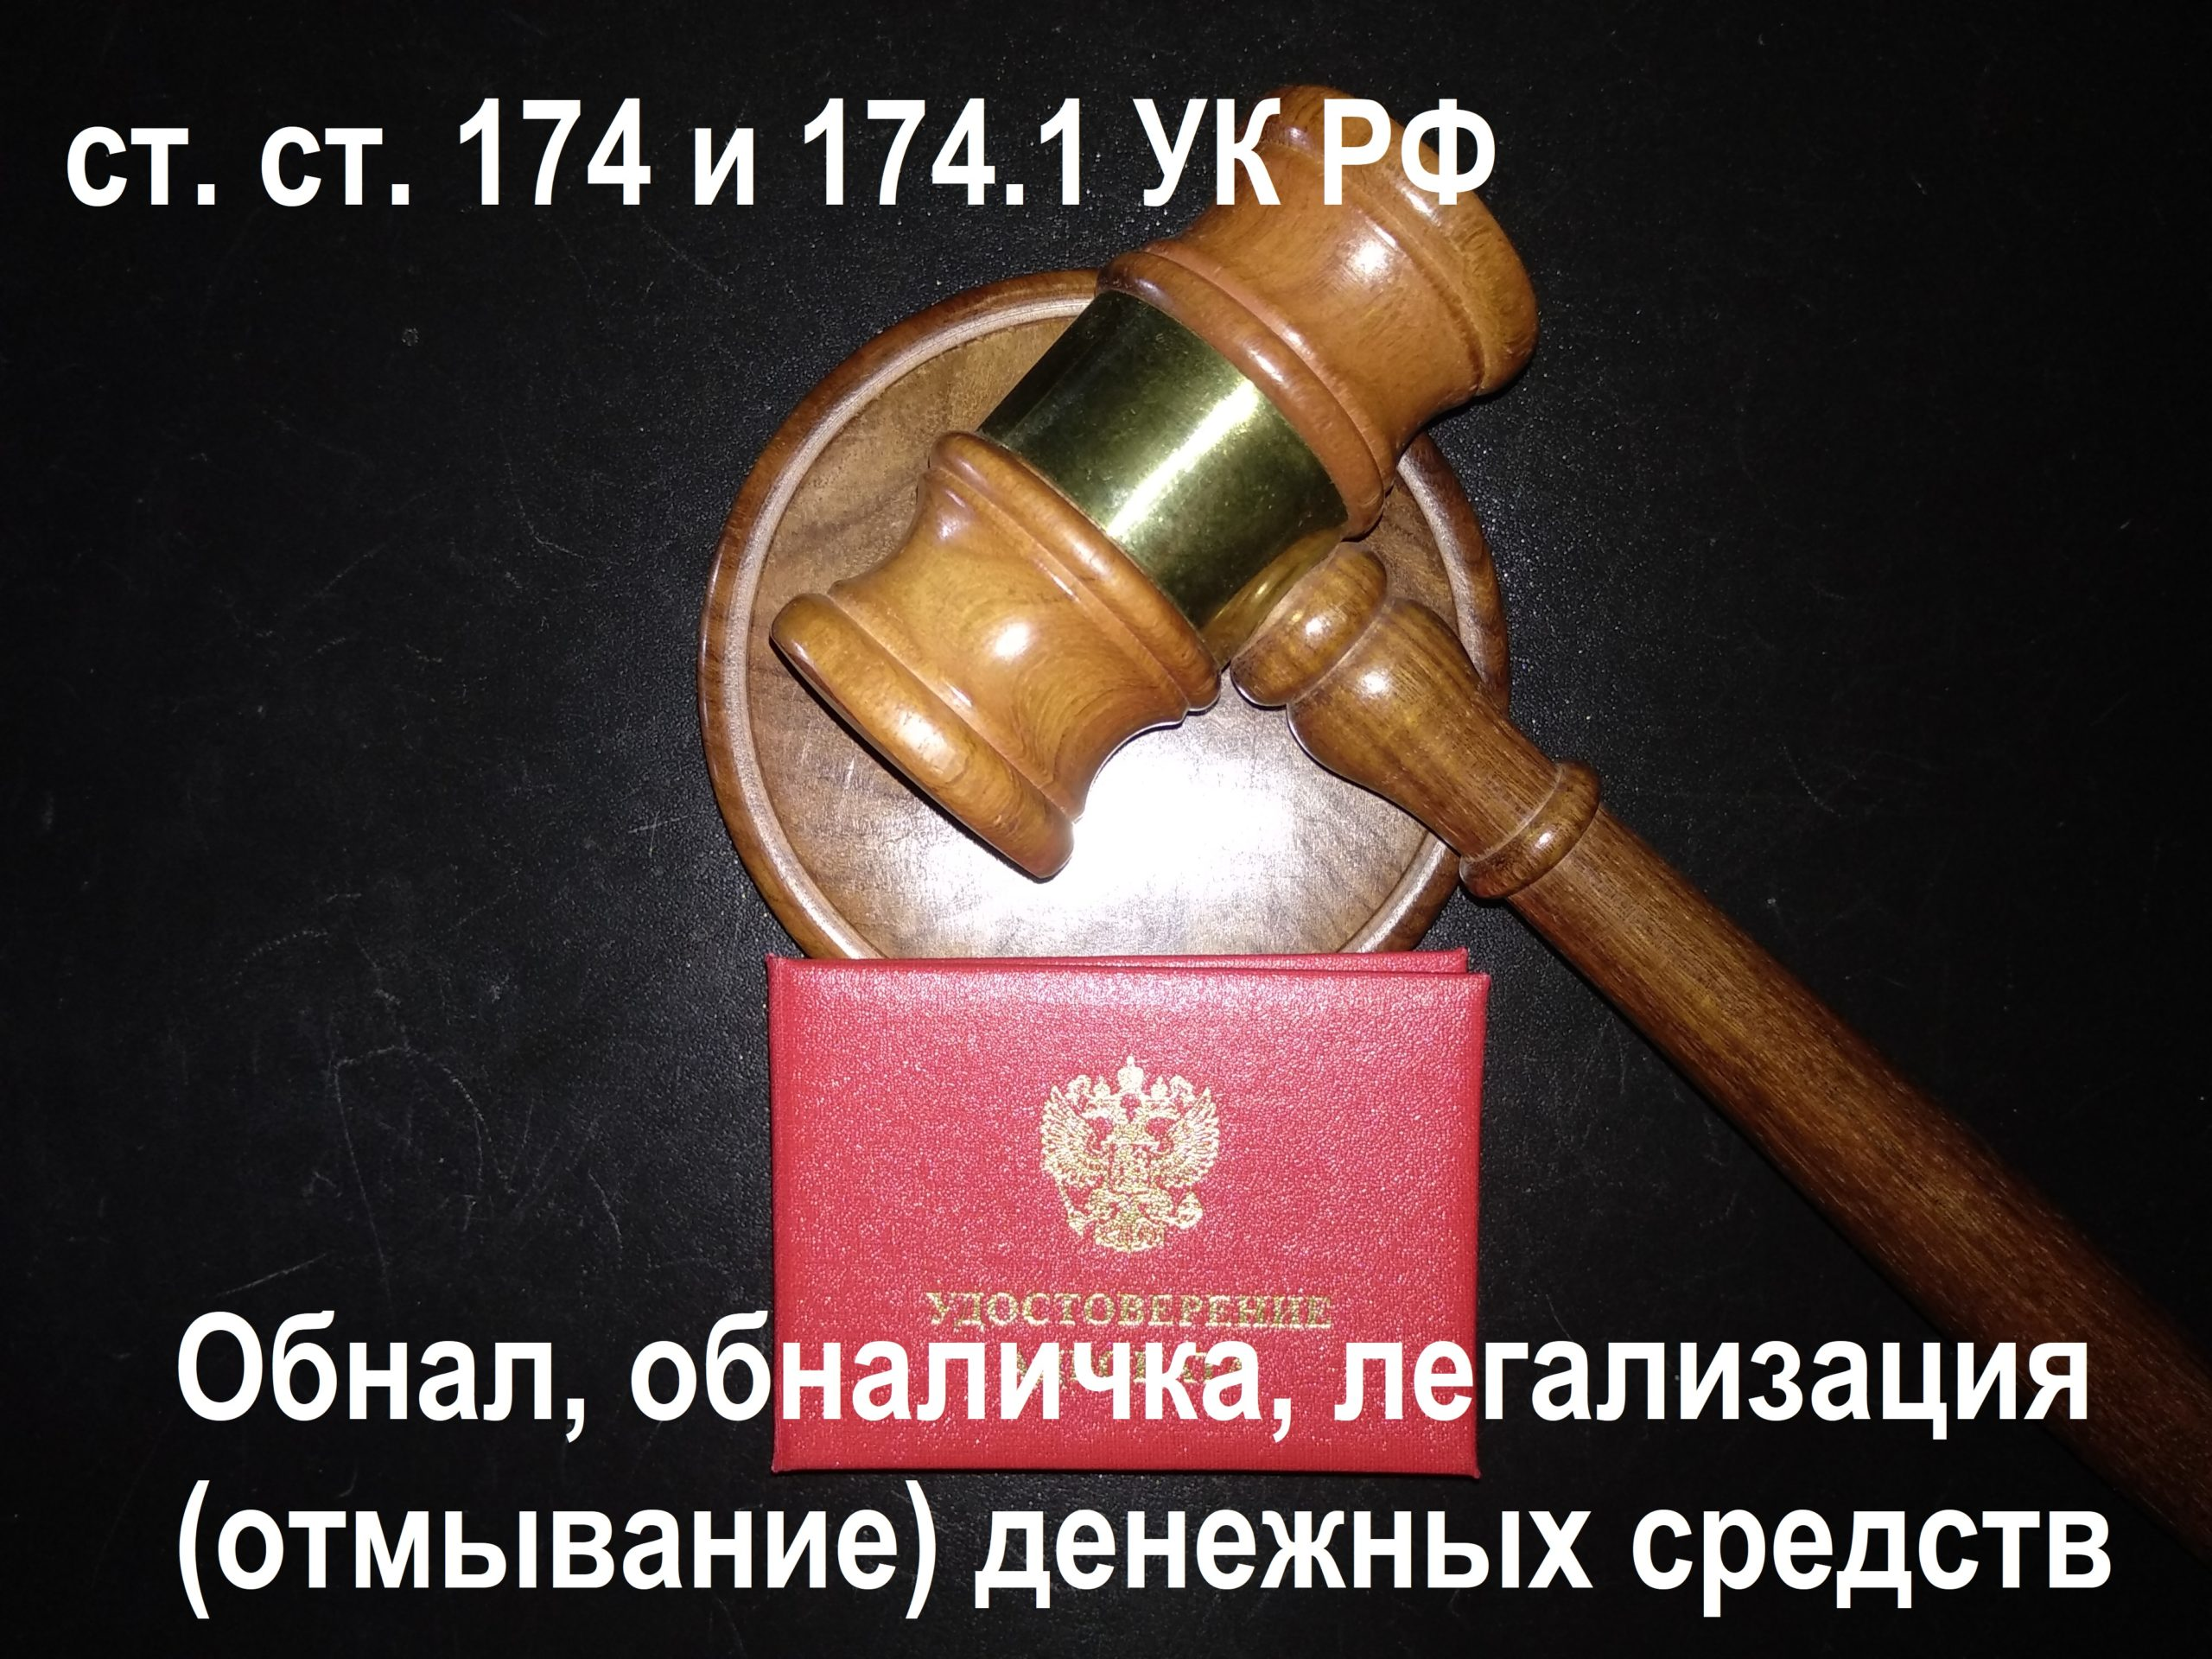 Адвокат по ст. 174 и 174 .1 УК РФ Обнал, обналичка, легализация (отмывание) денежных средств